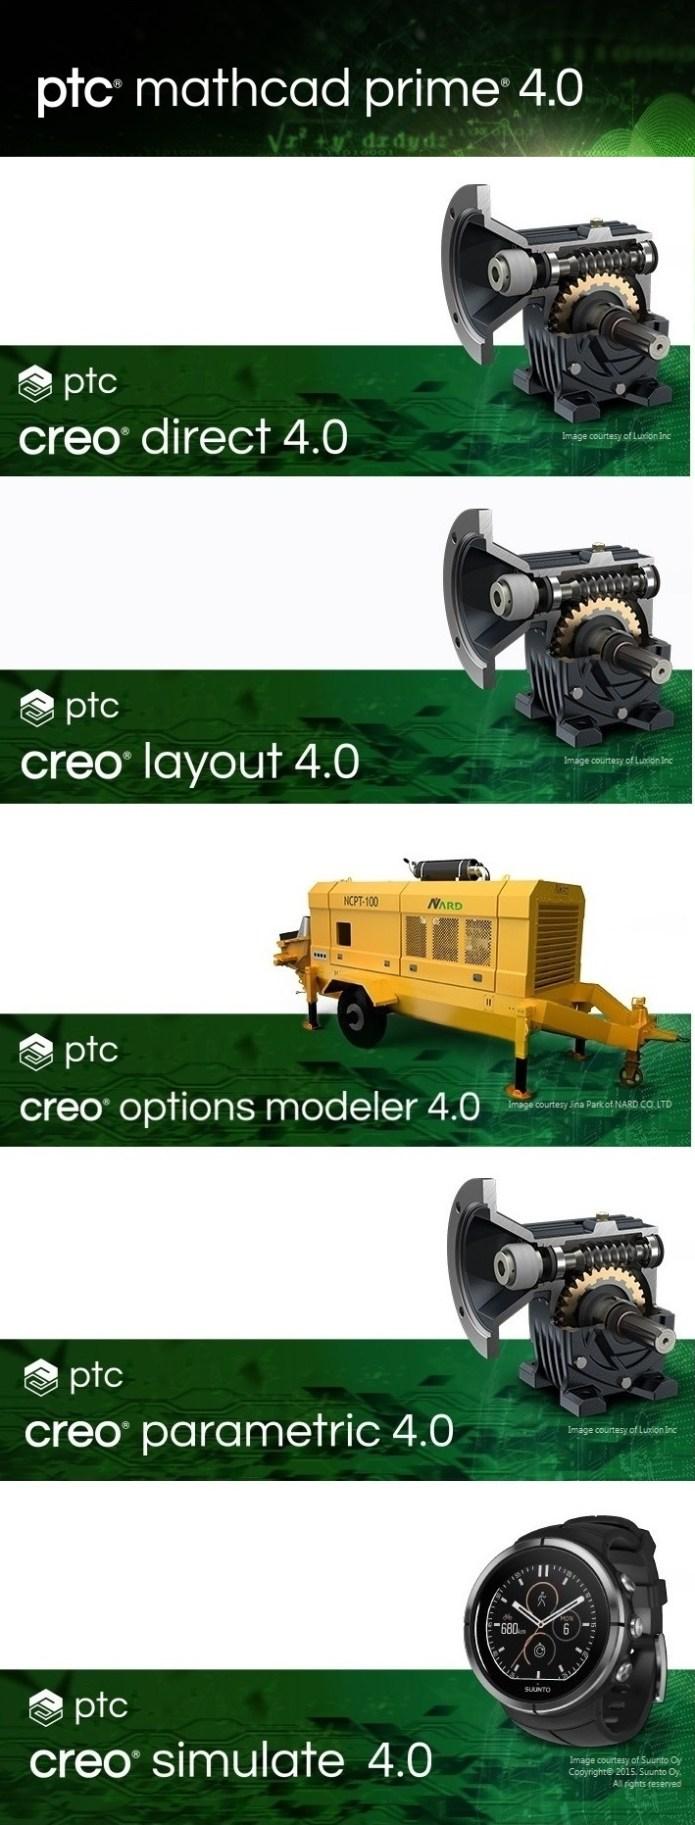 PTC Creo 4.0 M040 win64 full license forever